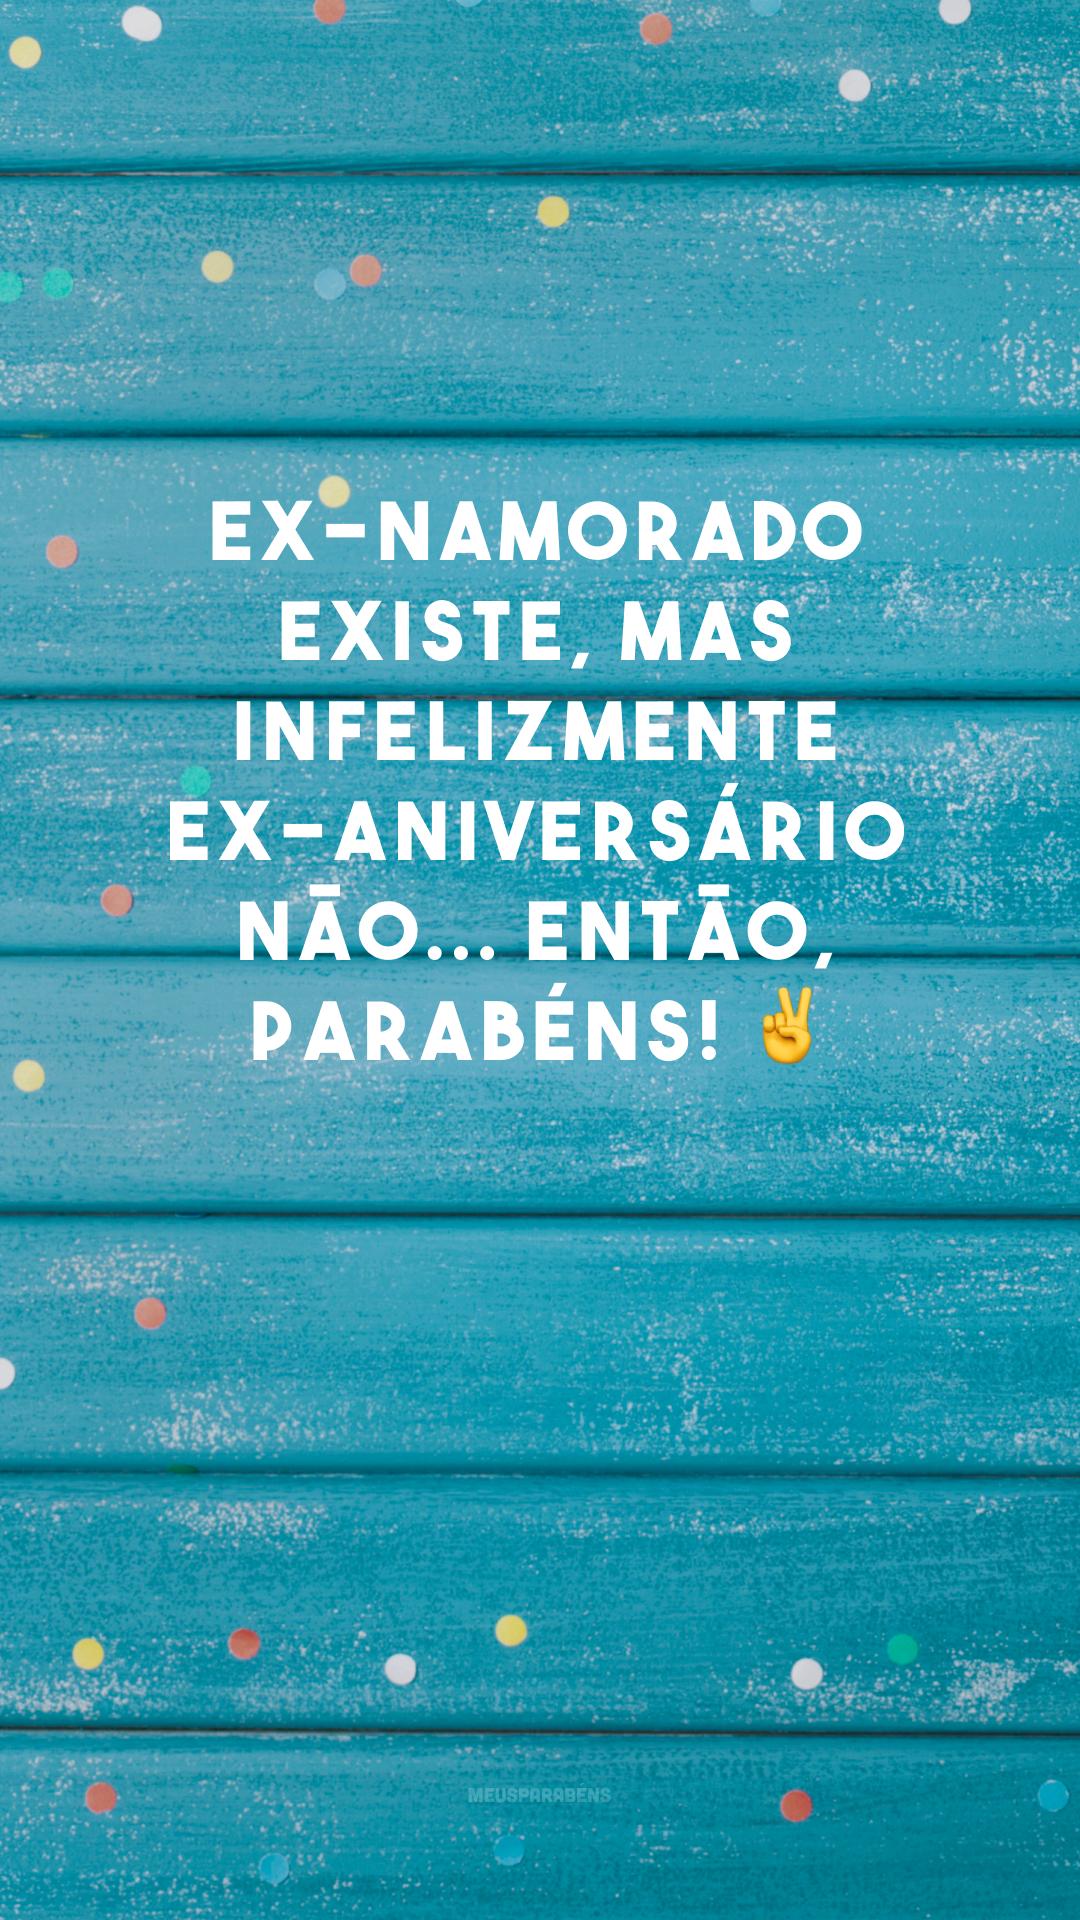 Ex-namorado existe, mas infelizmente ex-aniversário não... Então, parabéns! ✌